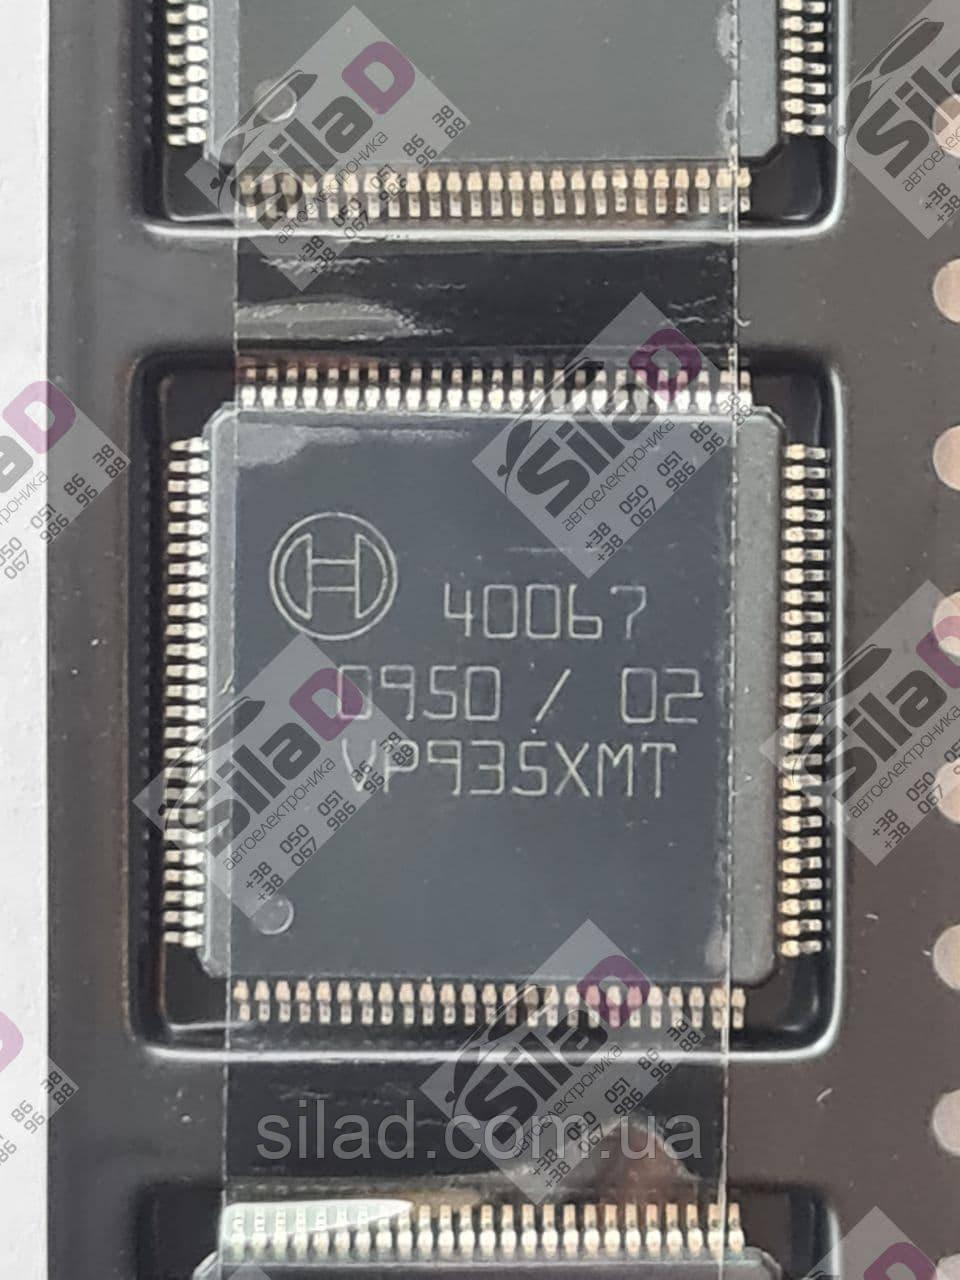 Микросхема Bosch 40067 корпус LQFP100